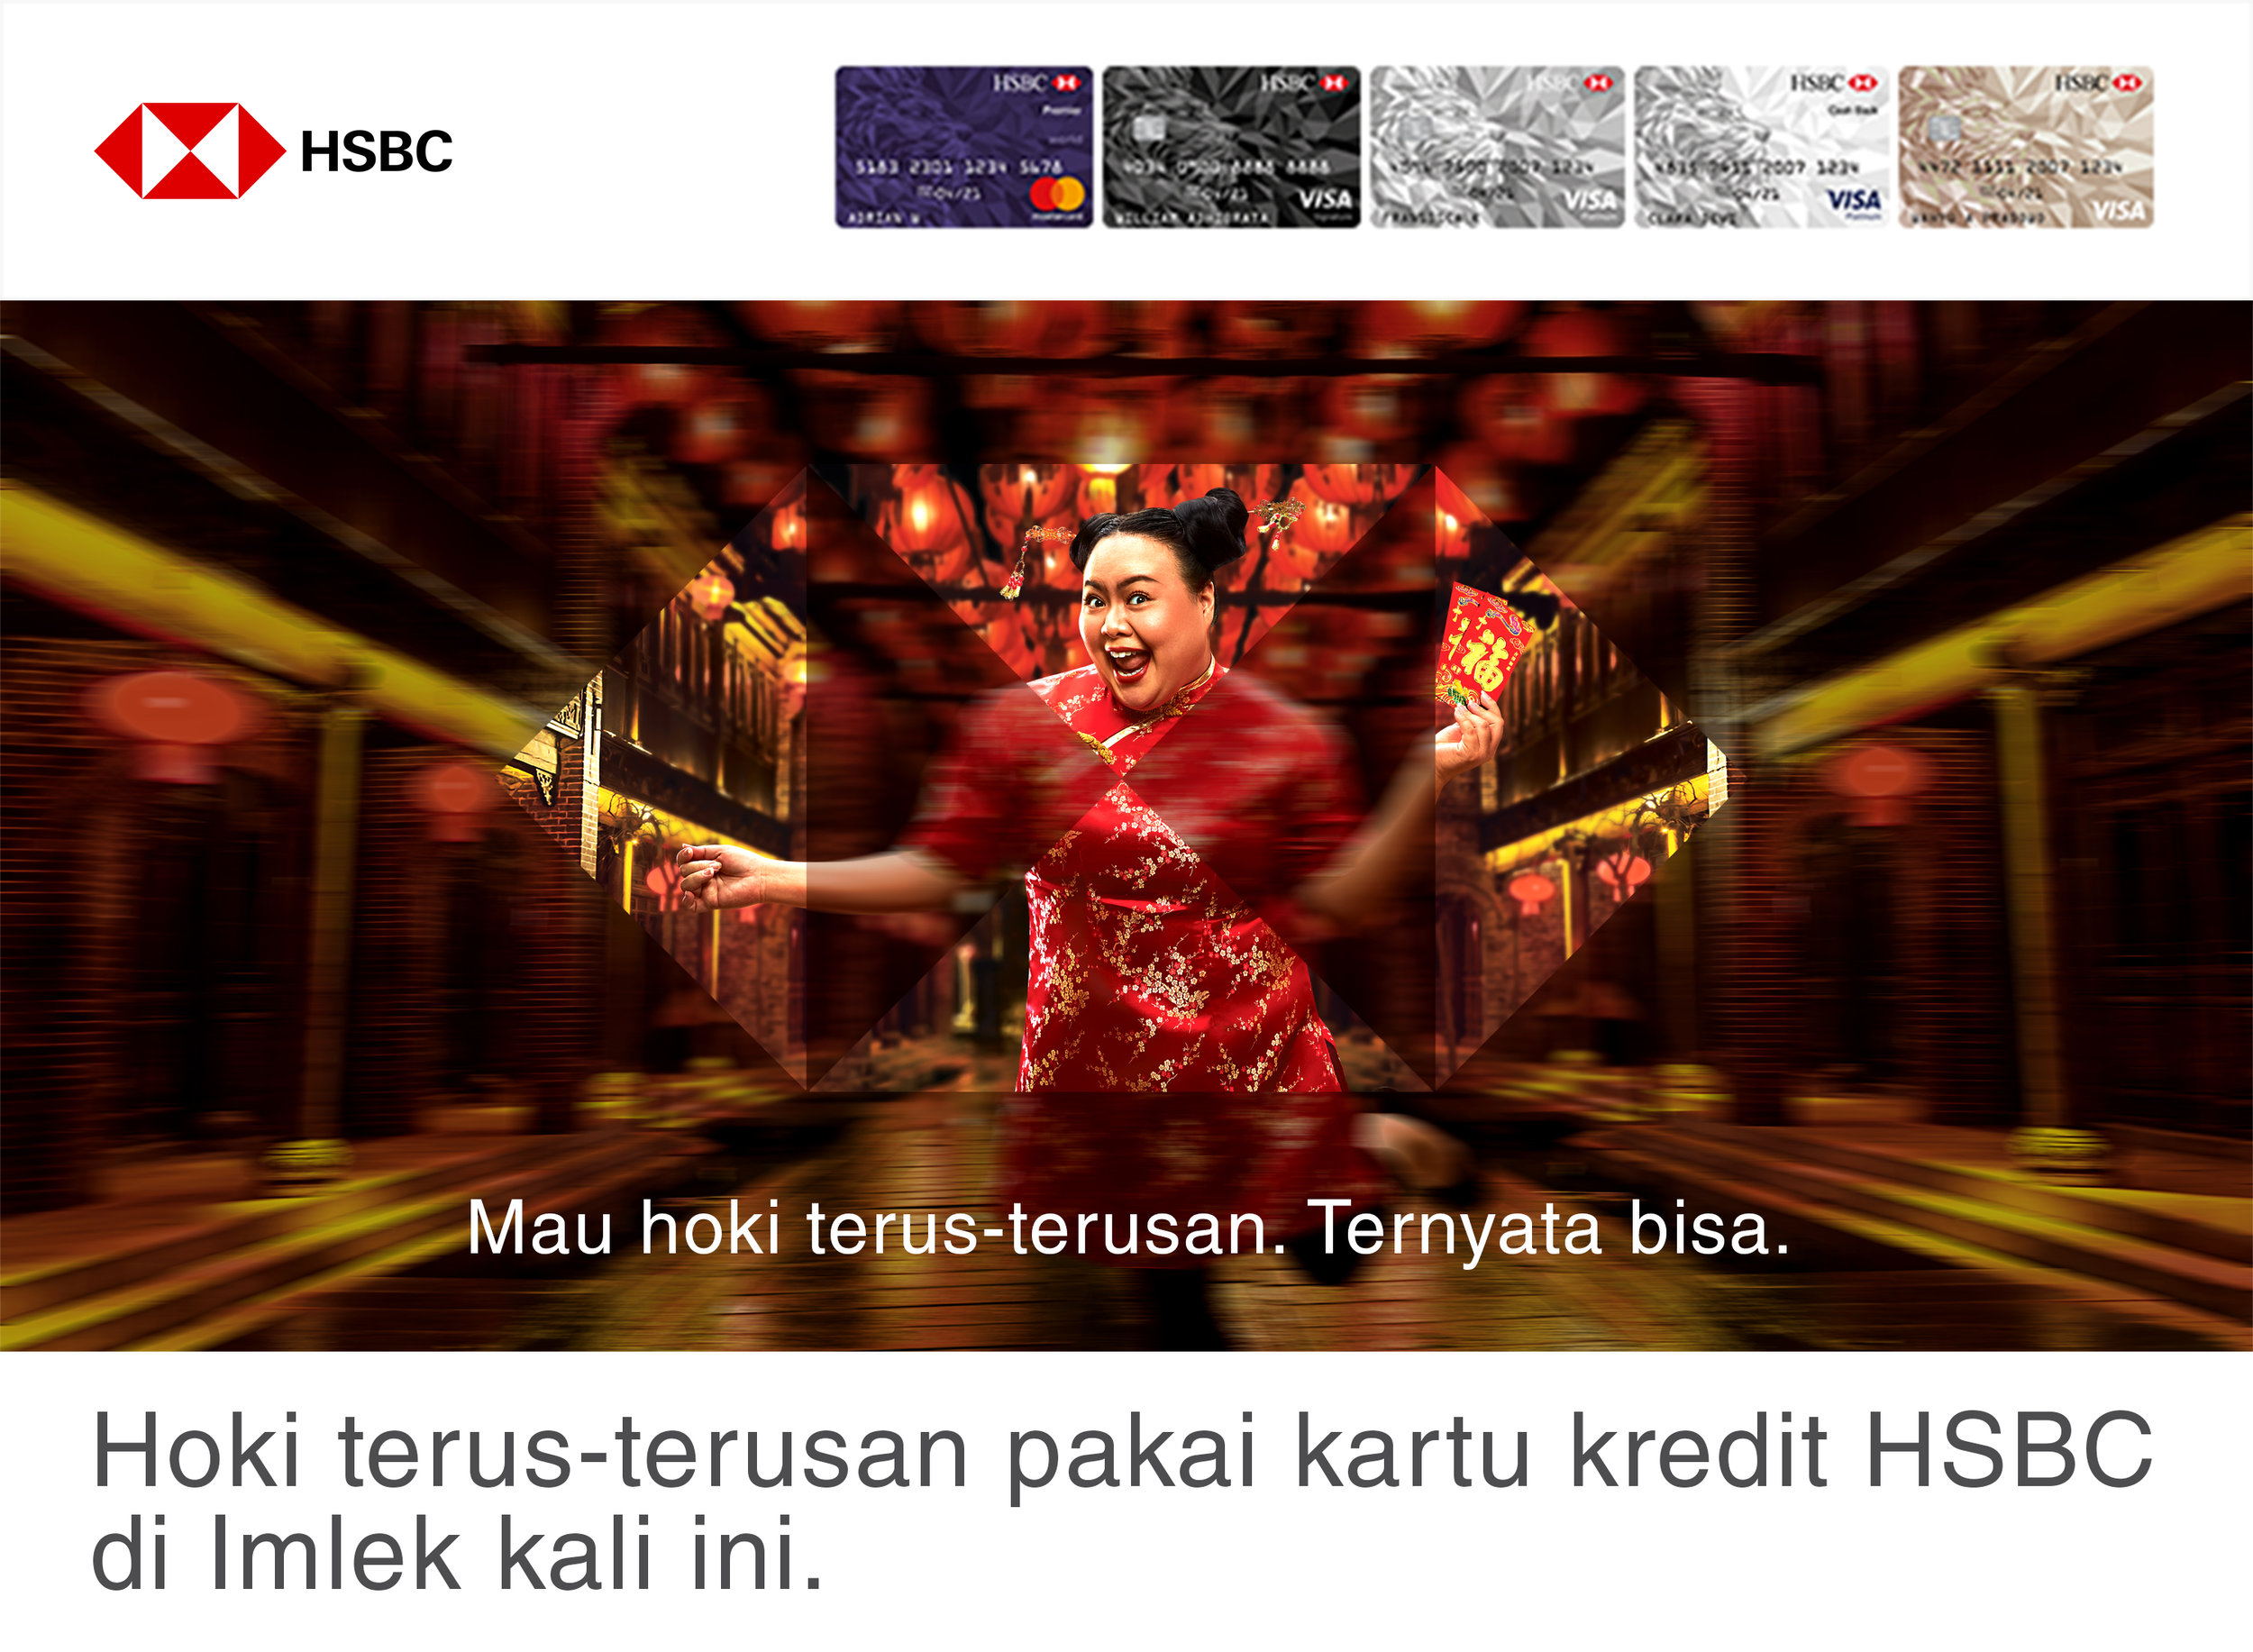 HSBC-CICI-HOKI-KV.jpg